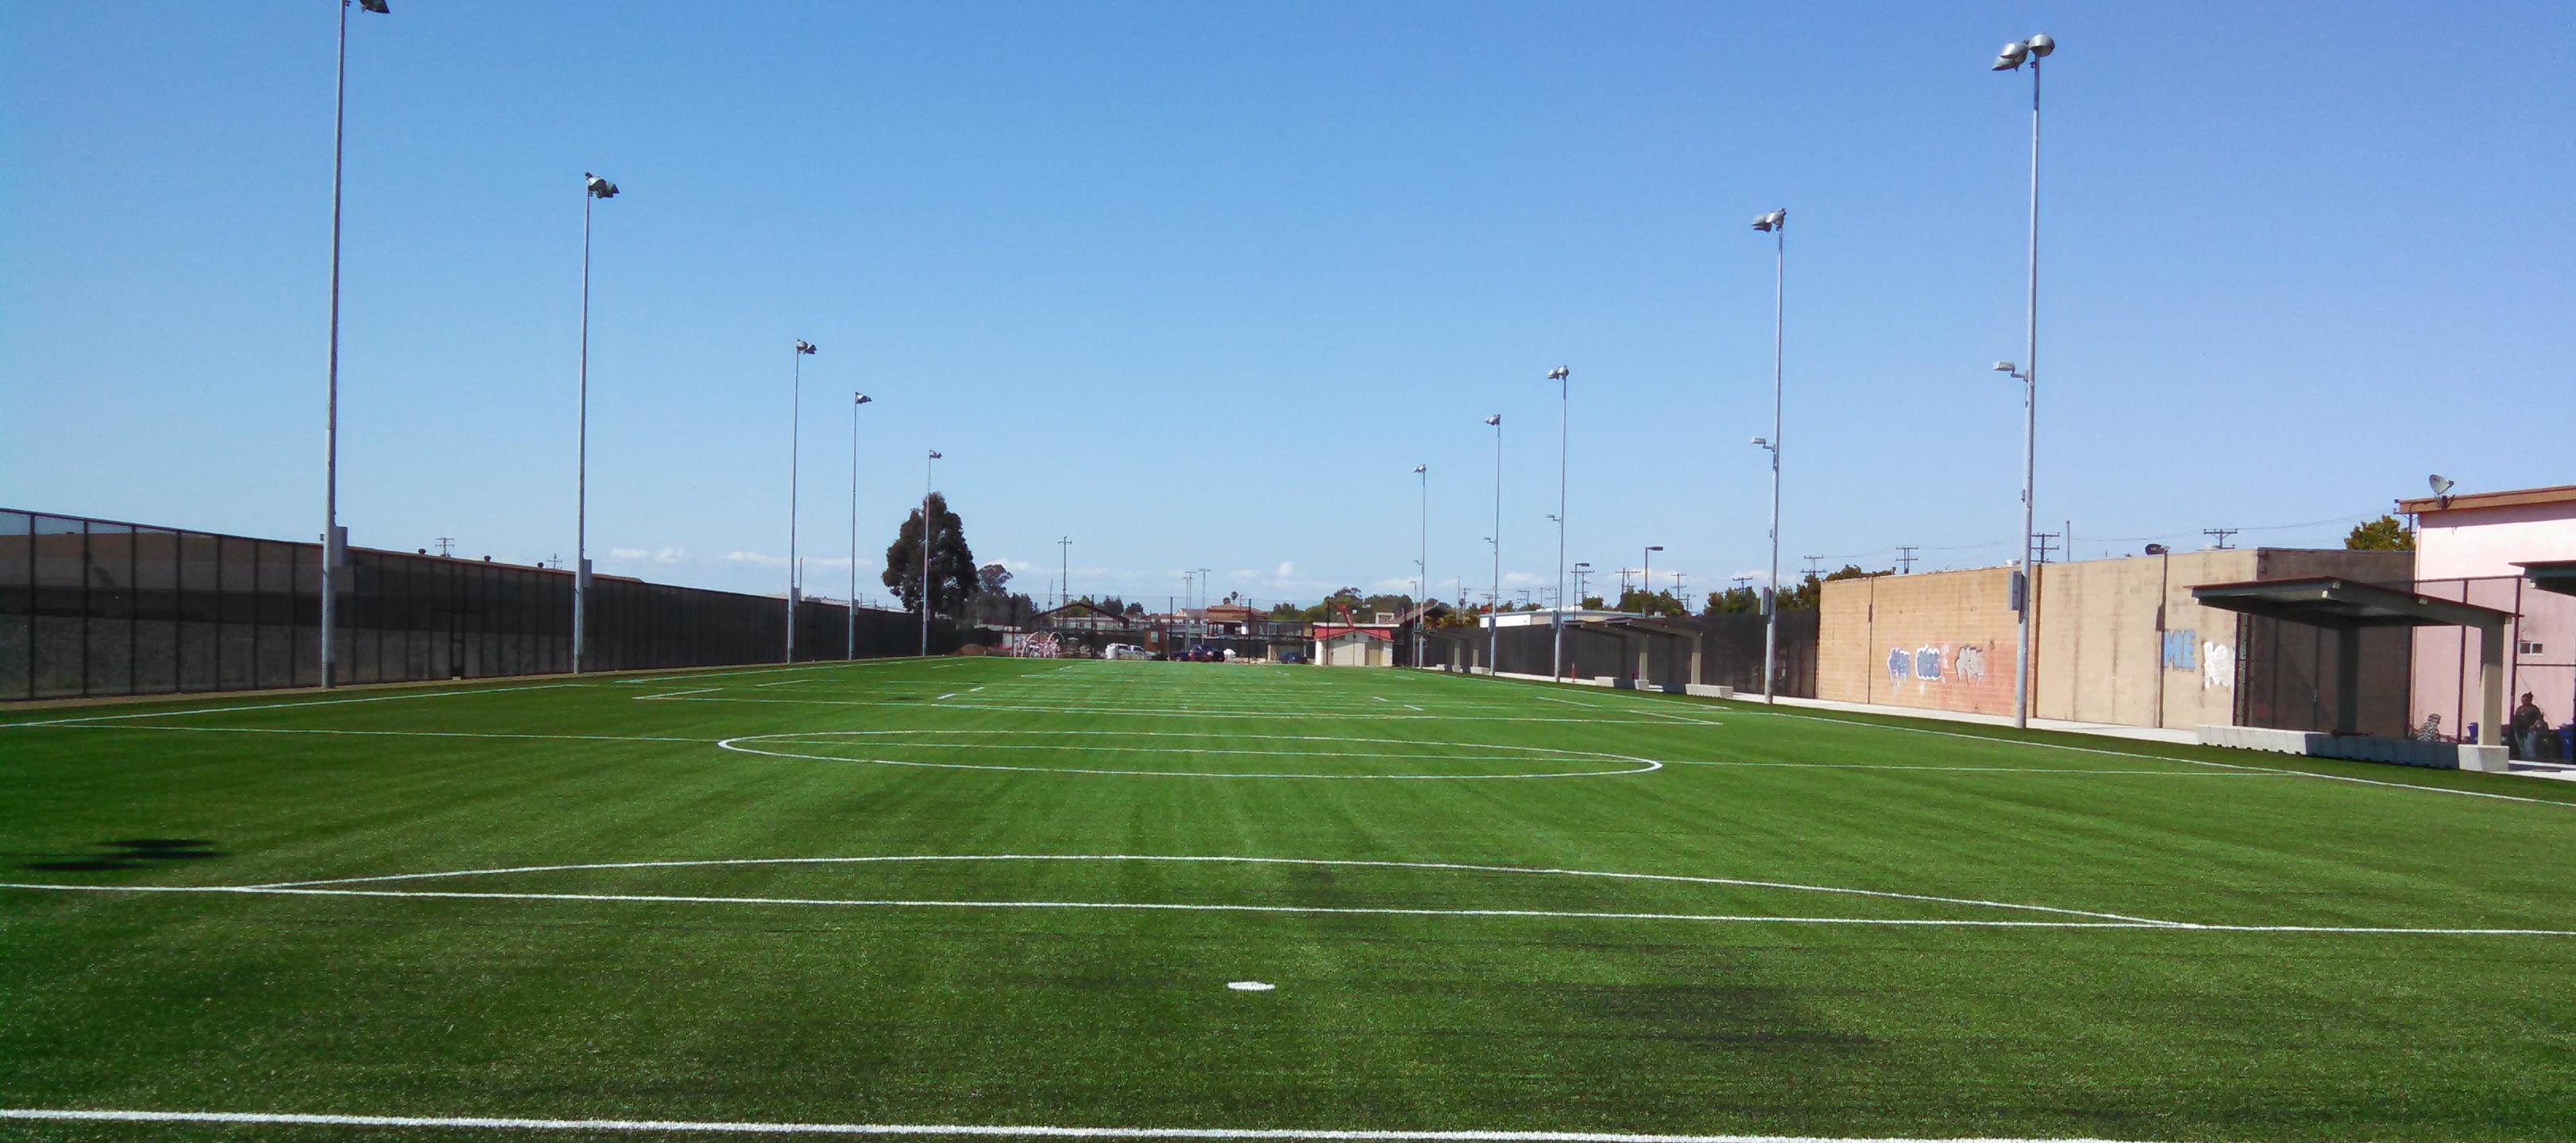 Rumrill Sports Park